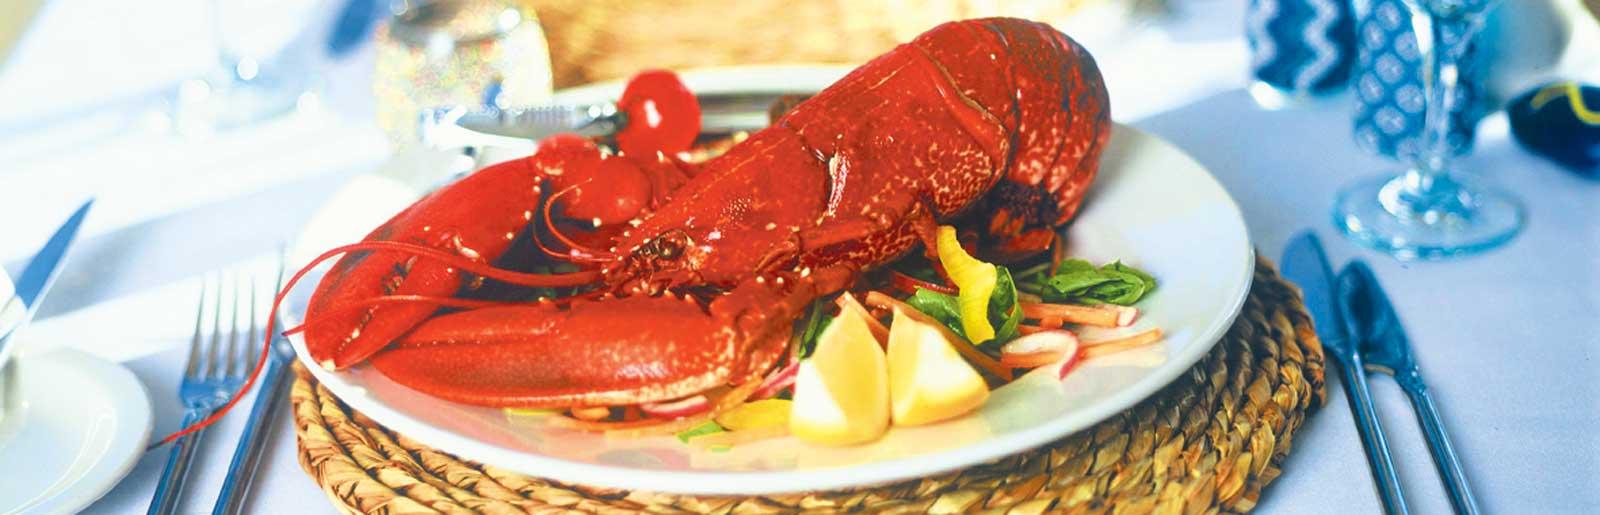 Lulworth Lobster